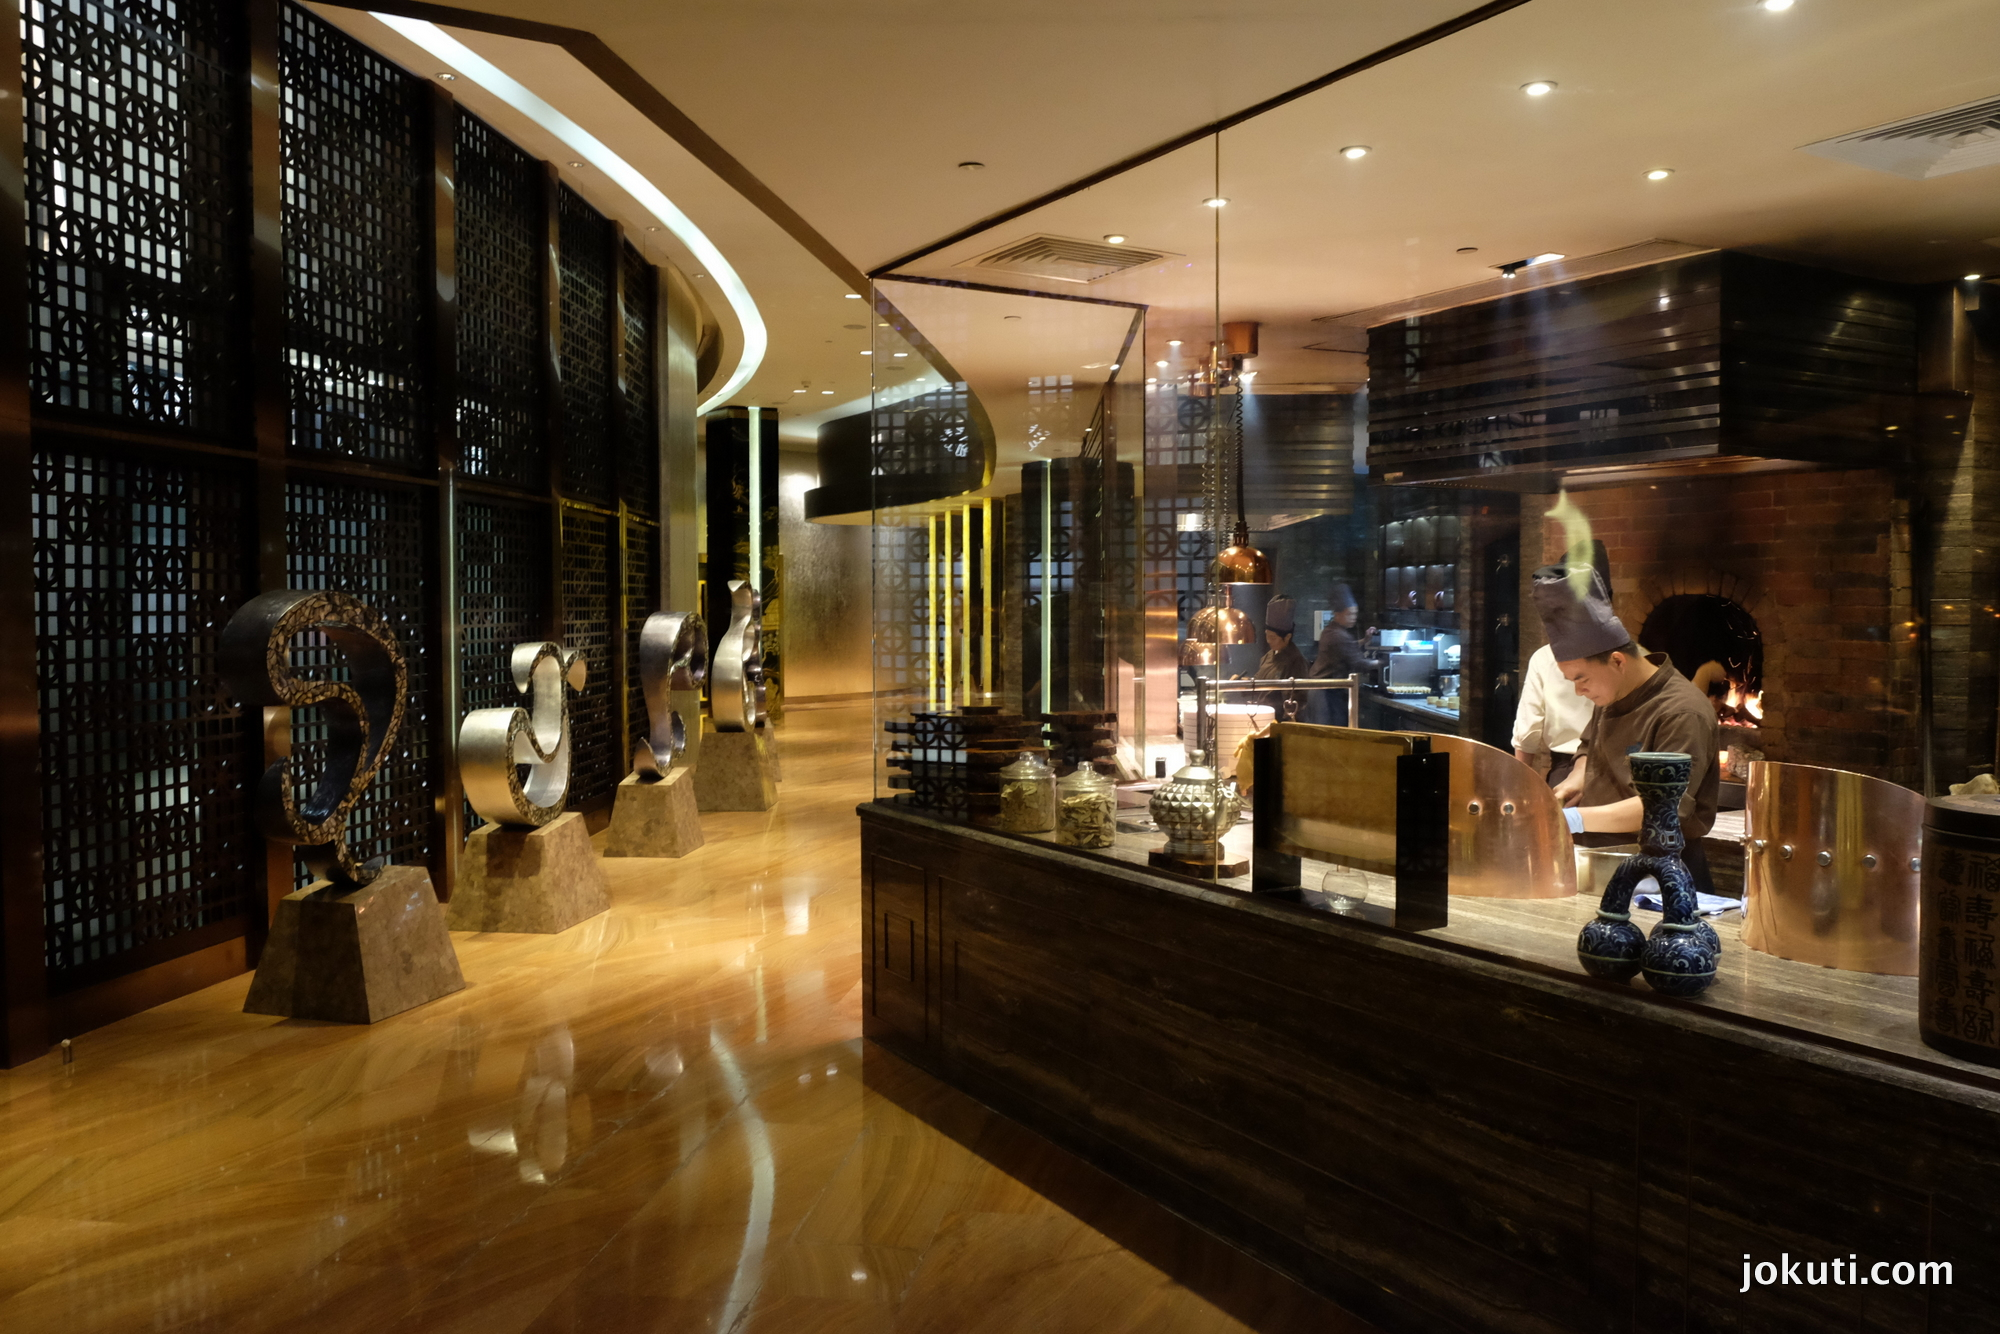 dscf6872_jade_dragon_restaurant_cantonese_chinese_michelin_macau_makao_china_kinai_vilagevo_jokuti.jpg